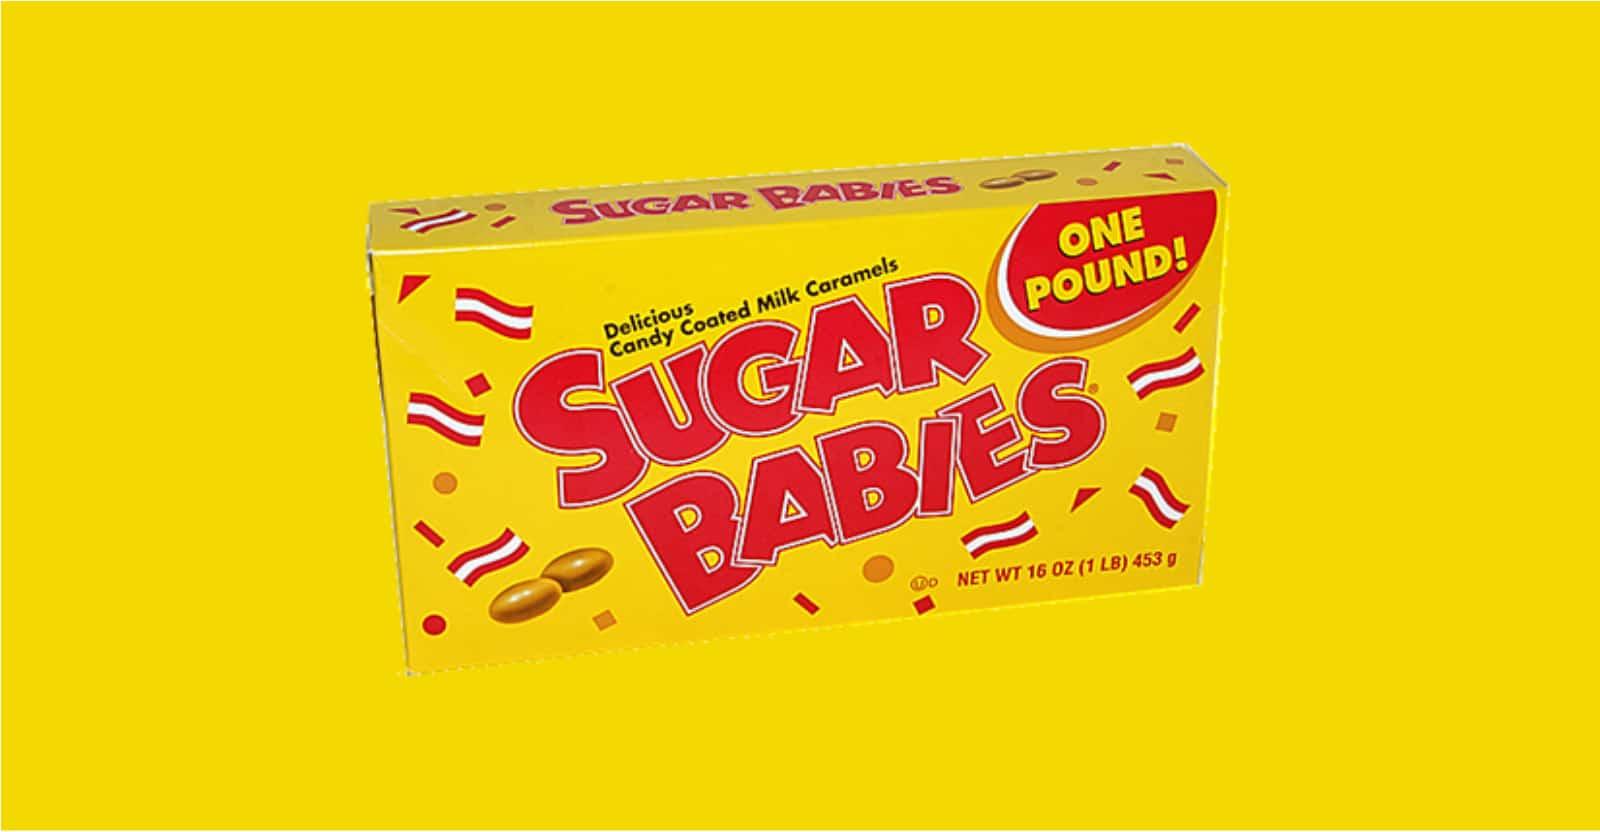 are sugar babies gluten-free